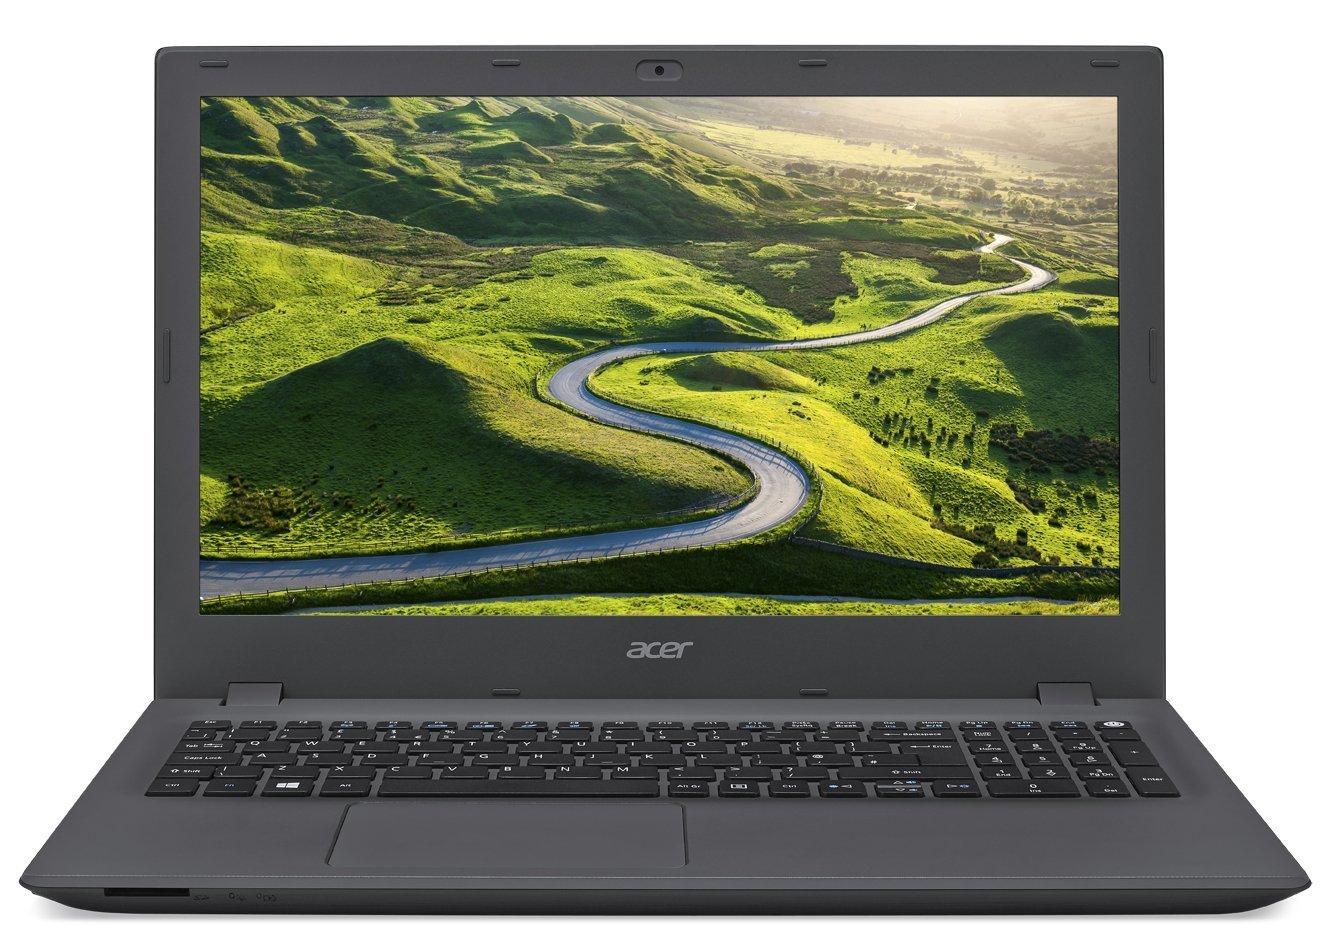 """PC Portable 15"""" Acer Aspire E5-573G-58FX 15"""" (Intel Core i5, 4 Go de RAM, Disque Dur 1 To, Nvidia GeForce 920M, Windows 10)"""